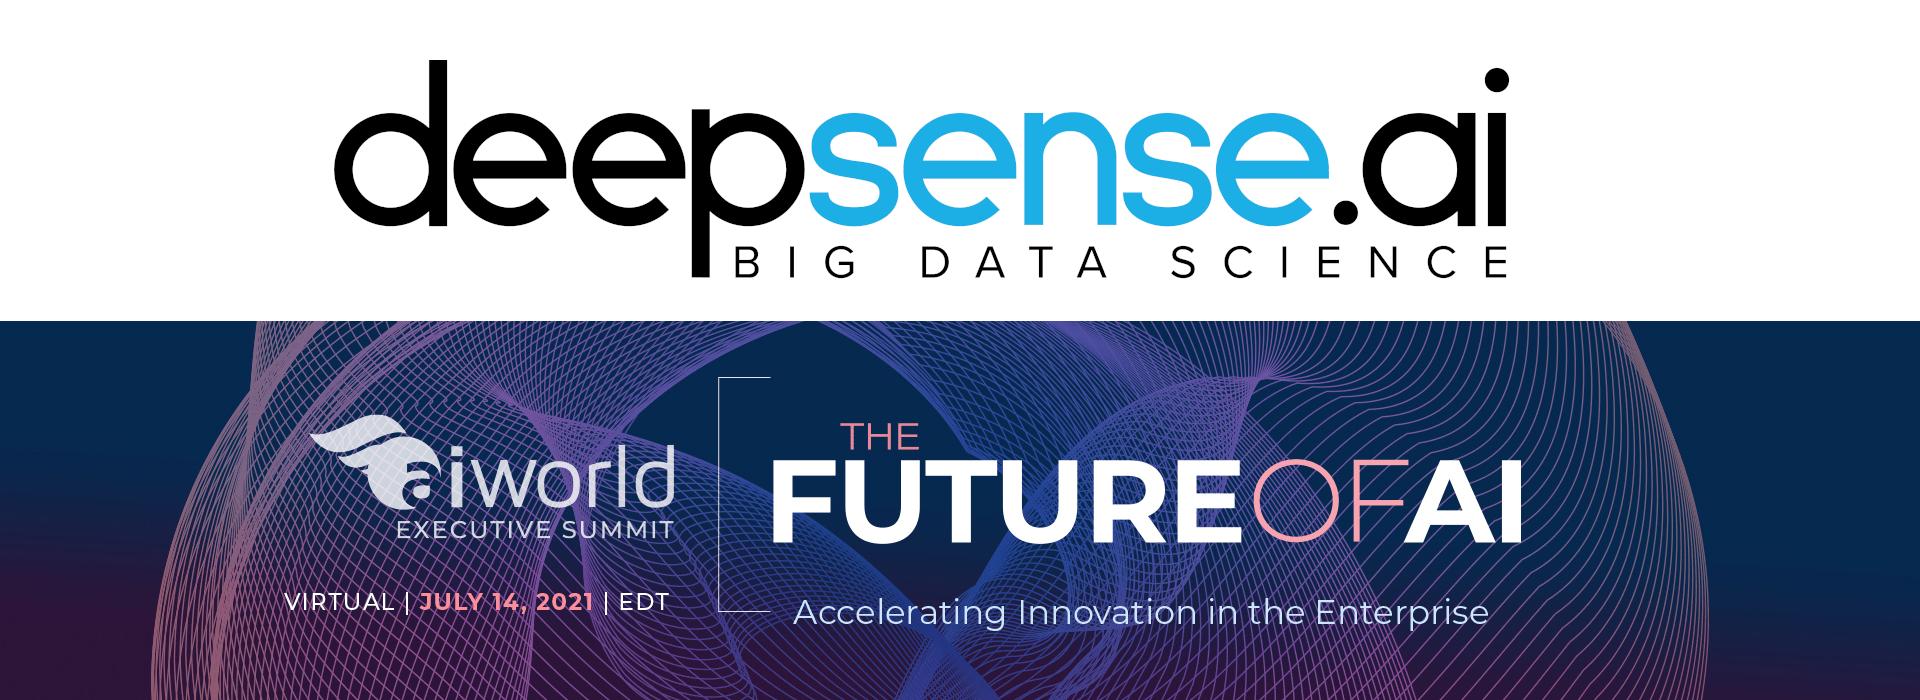 deepsense.ai toshare its enterprise AI expertise at AI World Executive Summit: TheFuture ofAI